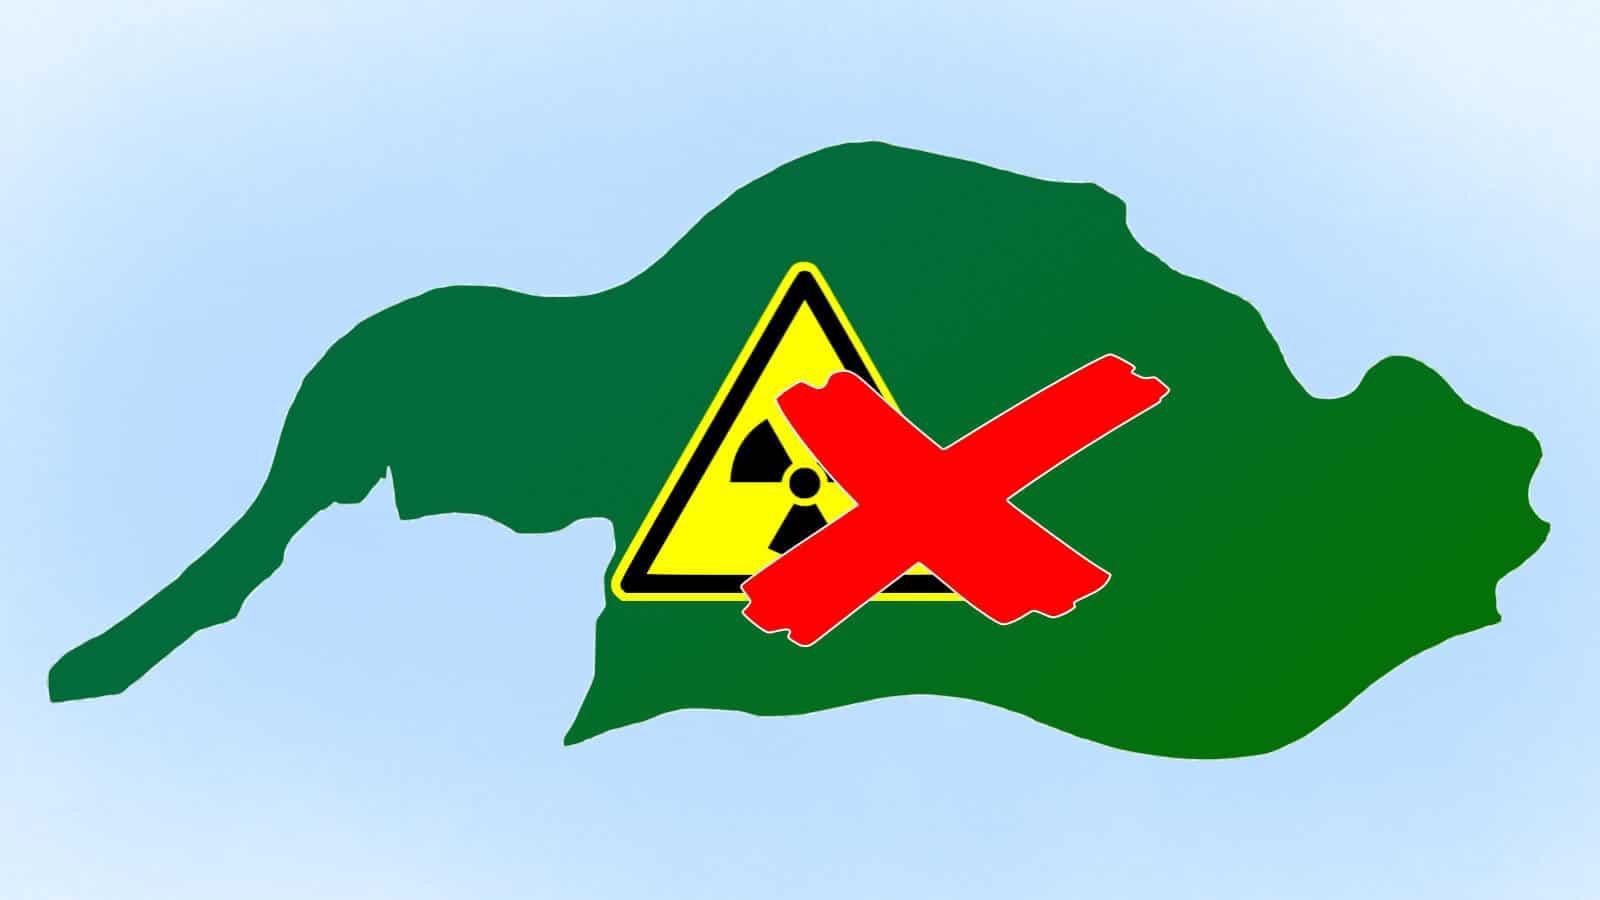 Omtrek van Altena met een logo kernafval en daaroverheen een rood kruis